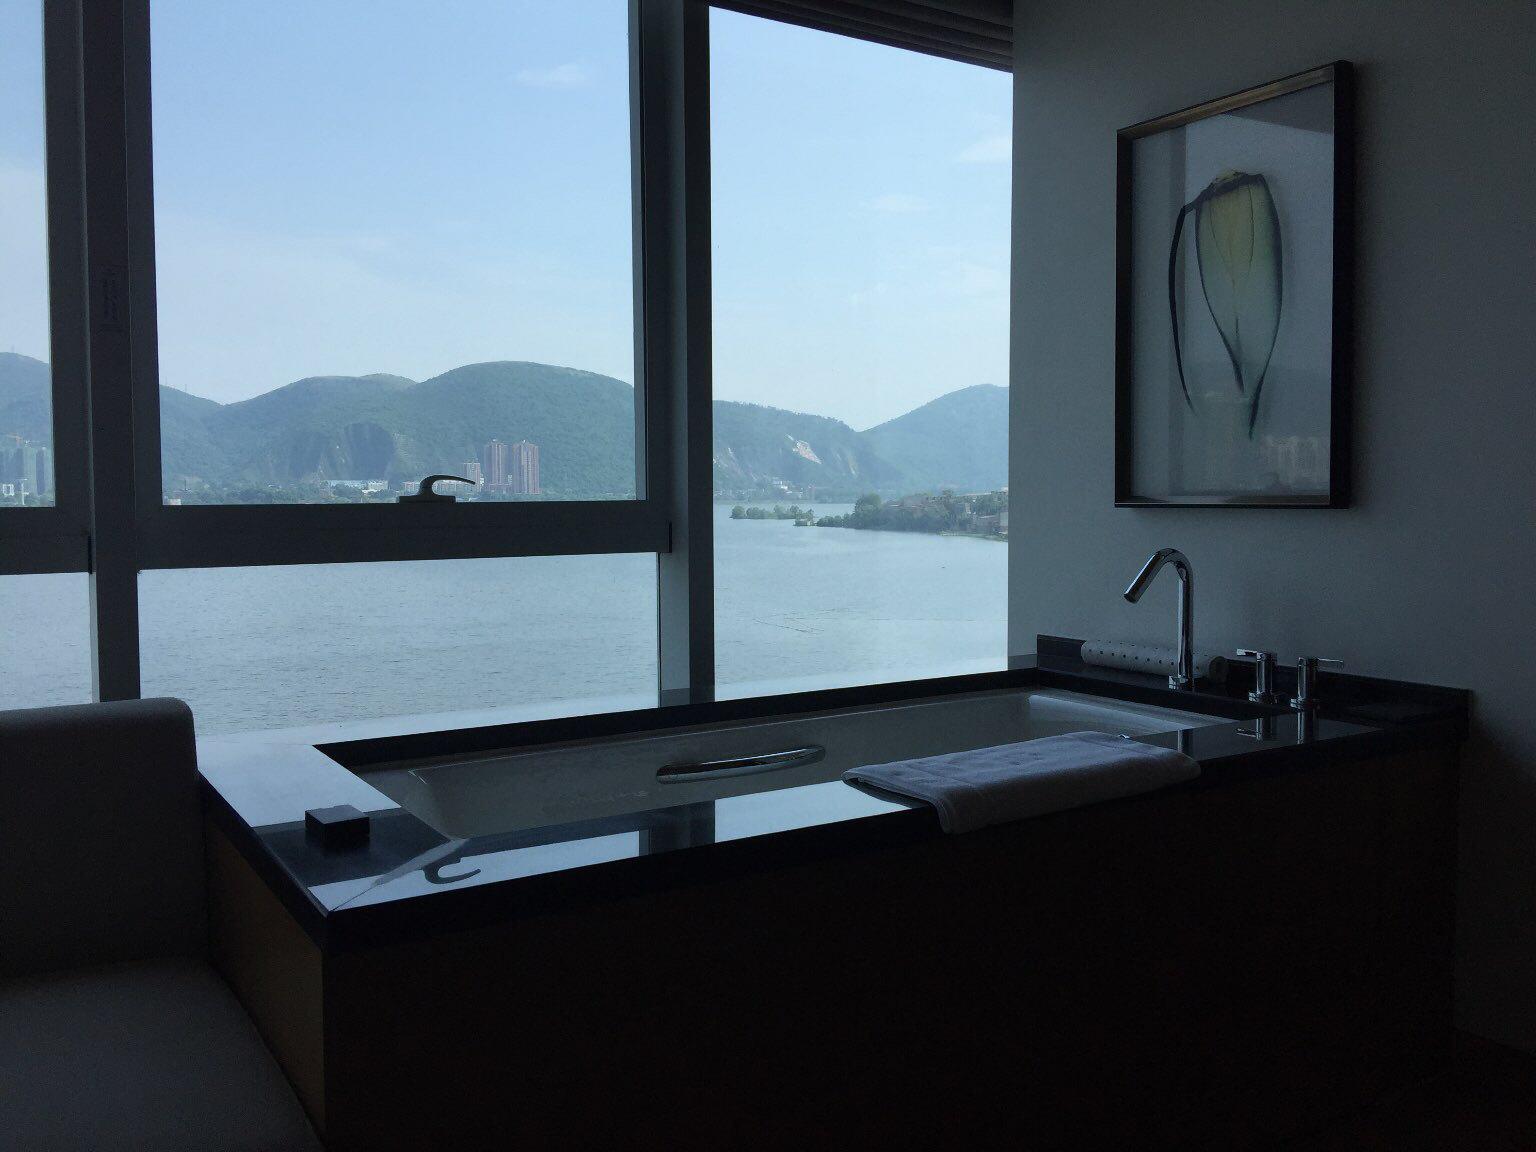 酒店一线临湖,定的湖景房,窗外风景不错,房间还算干净,但窗边的浴缸